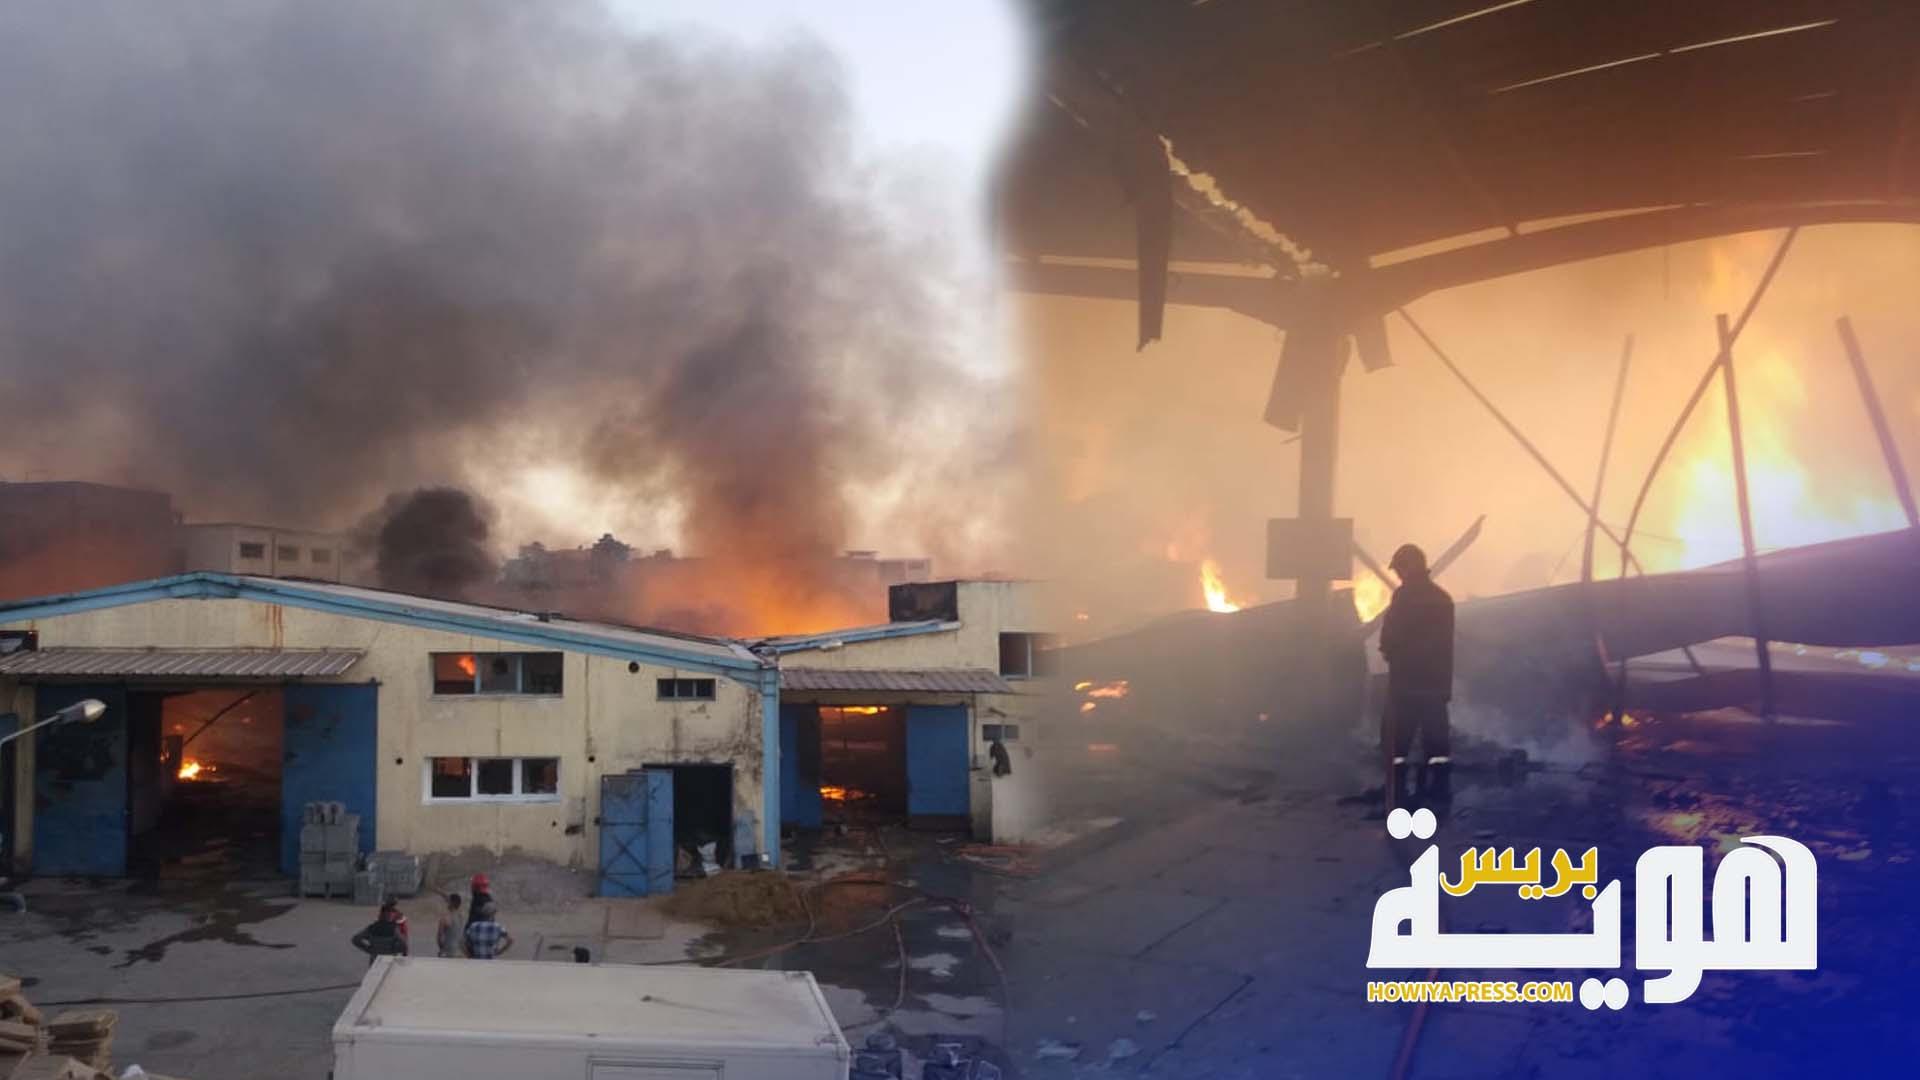 شاهد اشتعال حريق ضخم بأحد معامل الحي الصناعي حي الرحمة بمدينة سلا